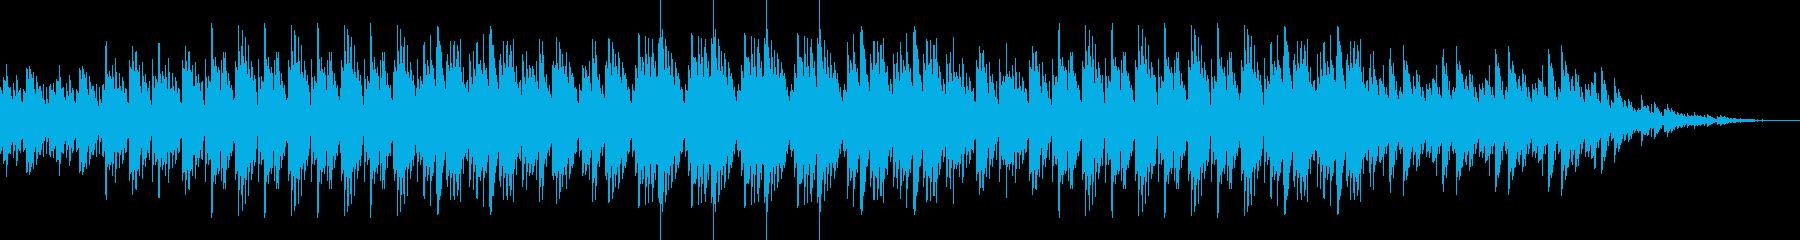 ゆったりとしたピアノ リラックス時にの再生済みの波形